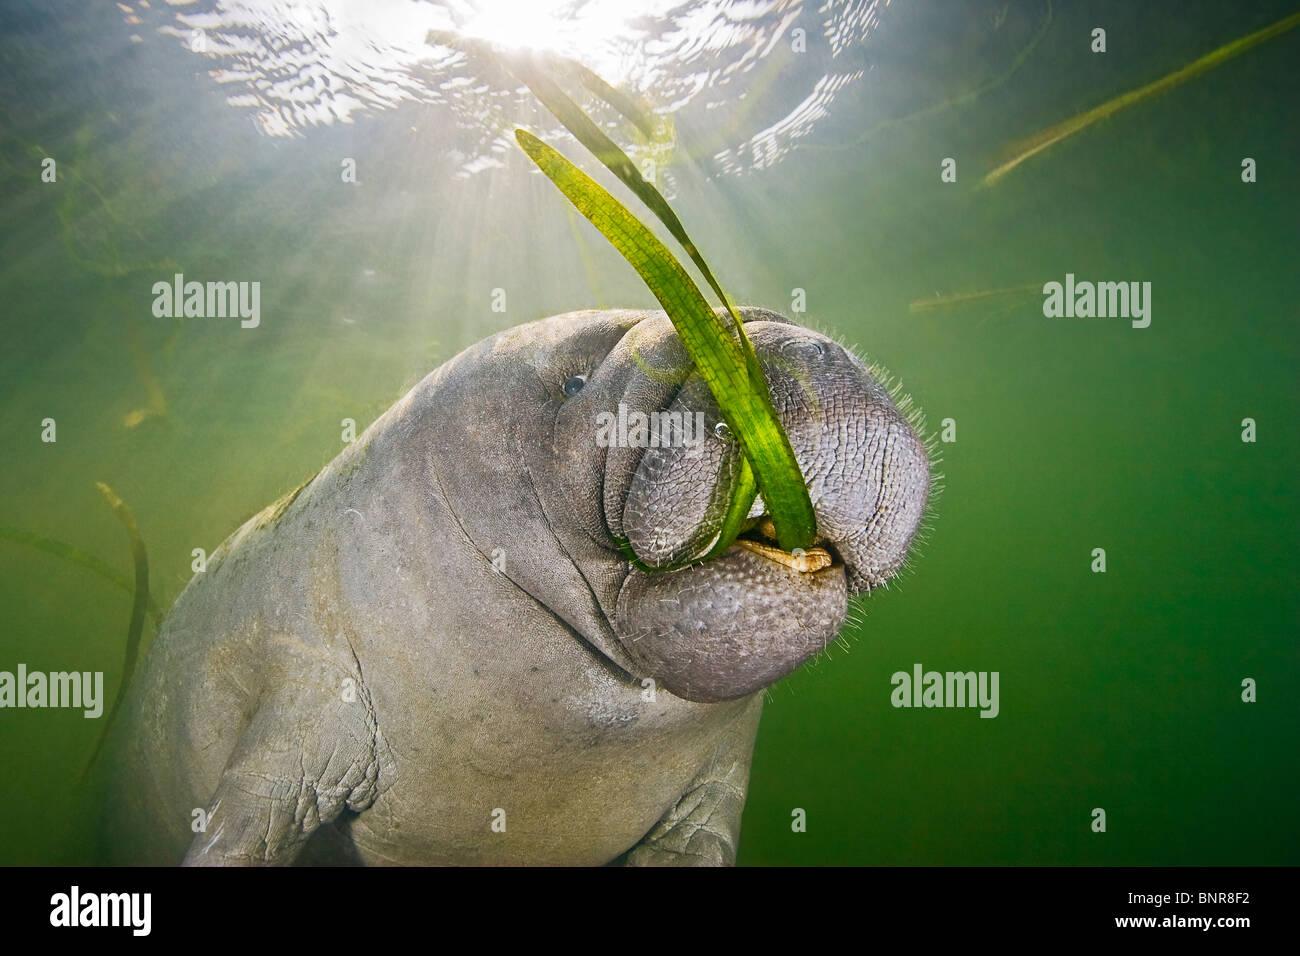 Florida manatee, Trichechus manatus latirostris, alimentazione di vitello su piante fanerogame. Immagini Stock